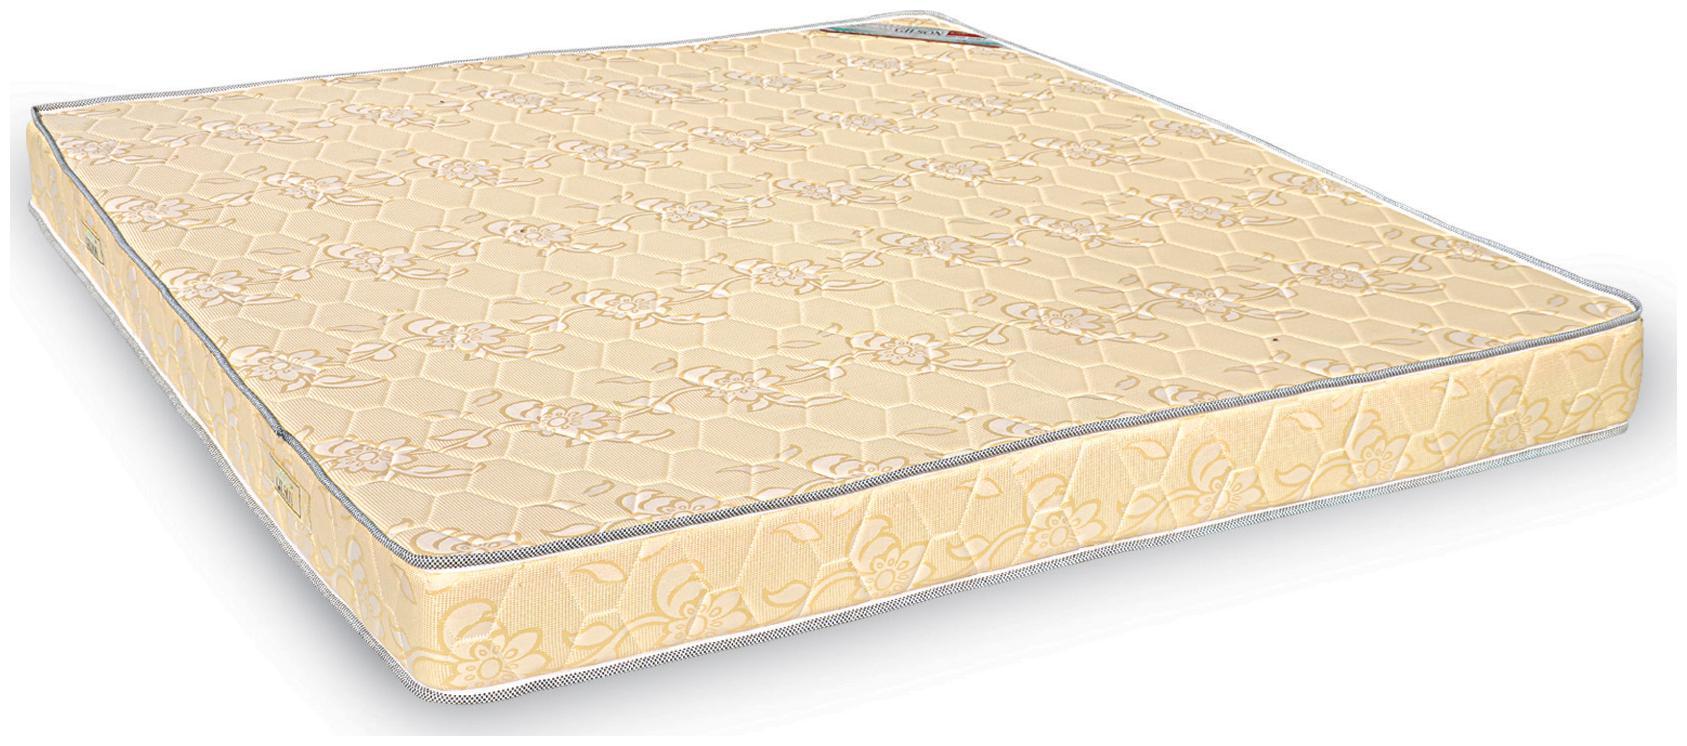 Gilson 6 inch Spring Queen Size Mattress by Gilson Mattresses